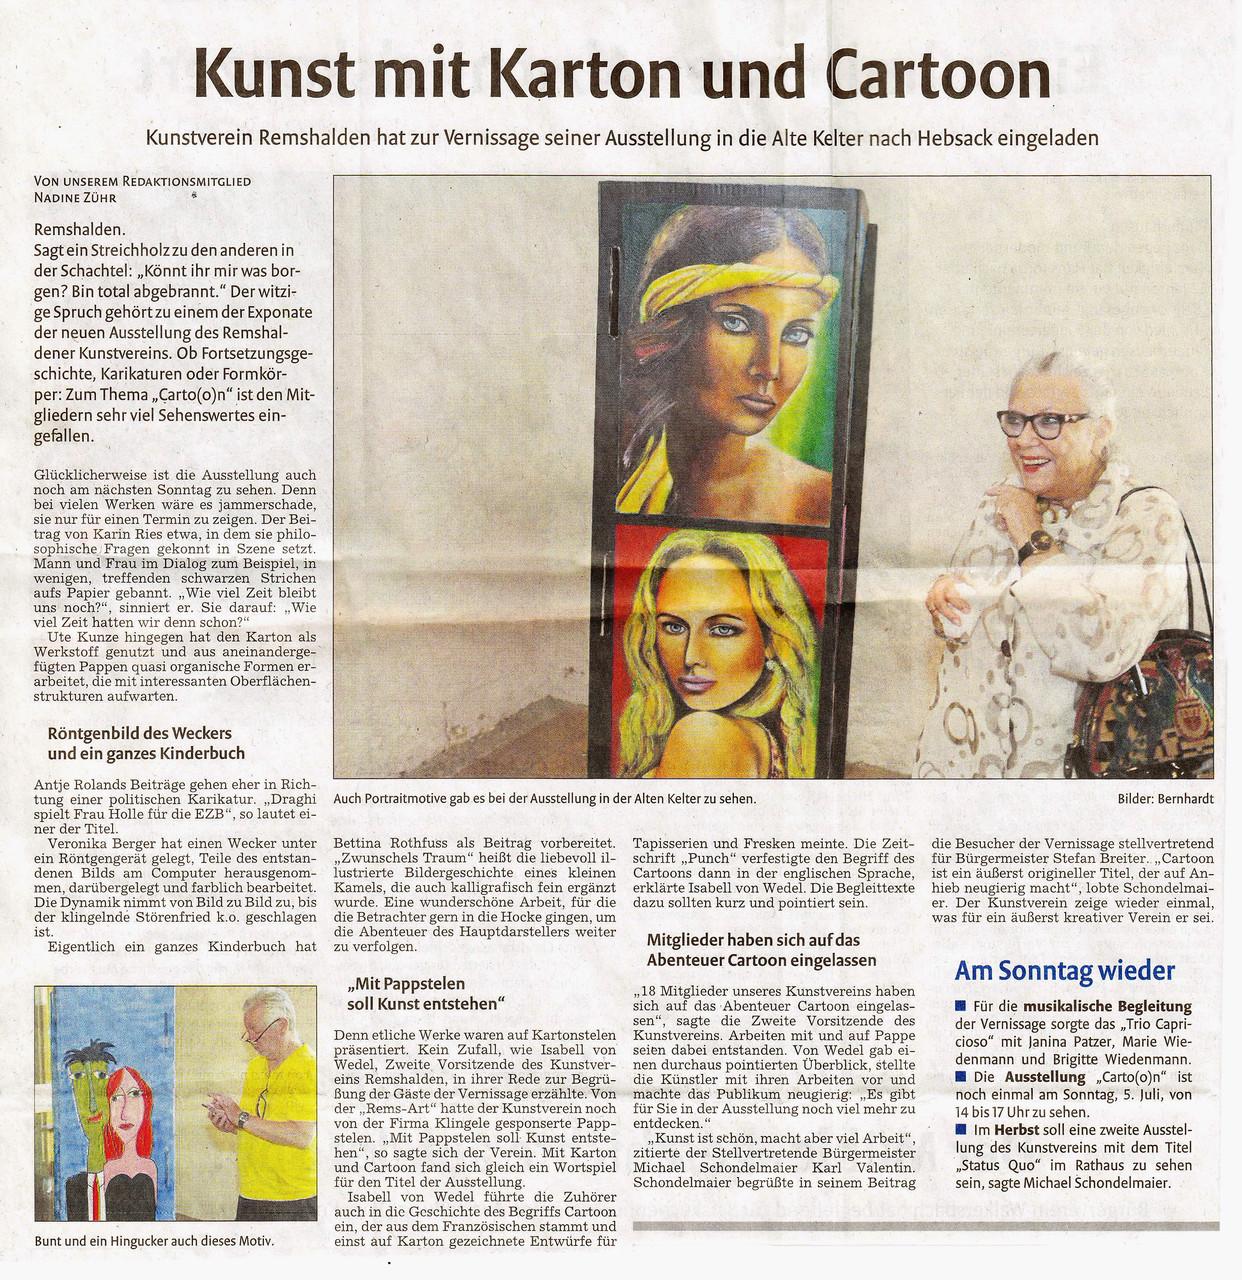 """Bericht in der Schorndorfer Zeitung über die Ausstellungseröffnung """"Cart(o)on"""" in der Alten Kelter in Remshalden-Hebsack"""